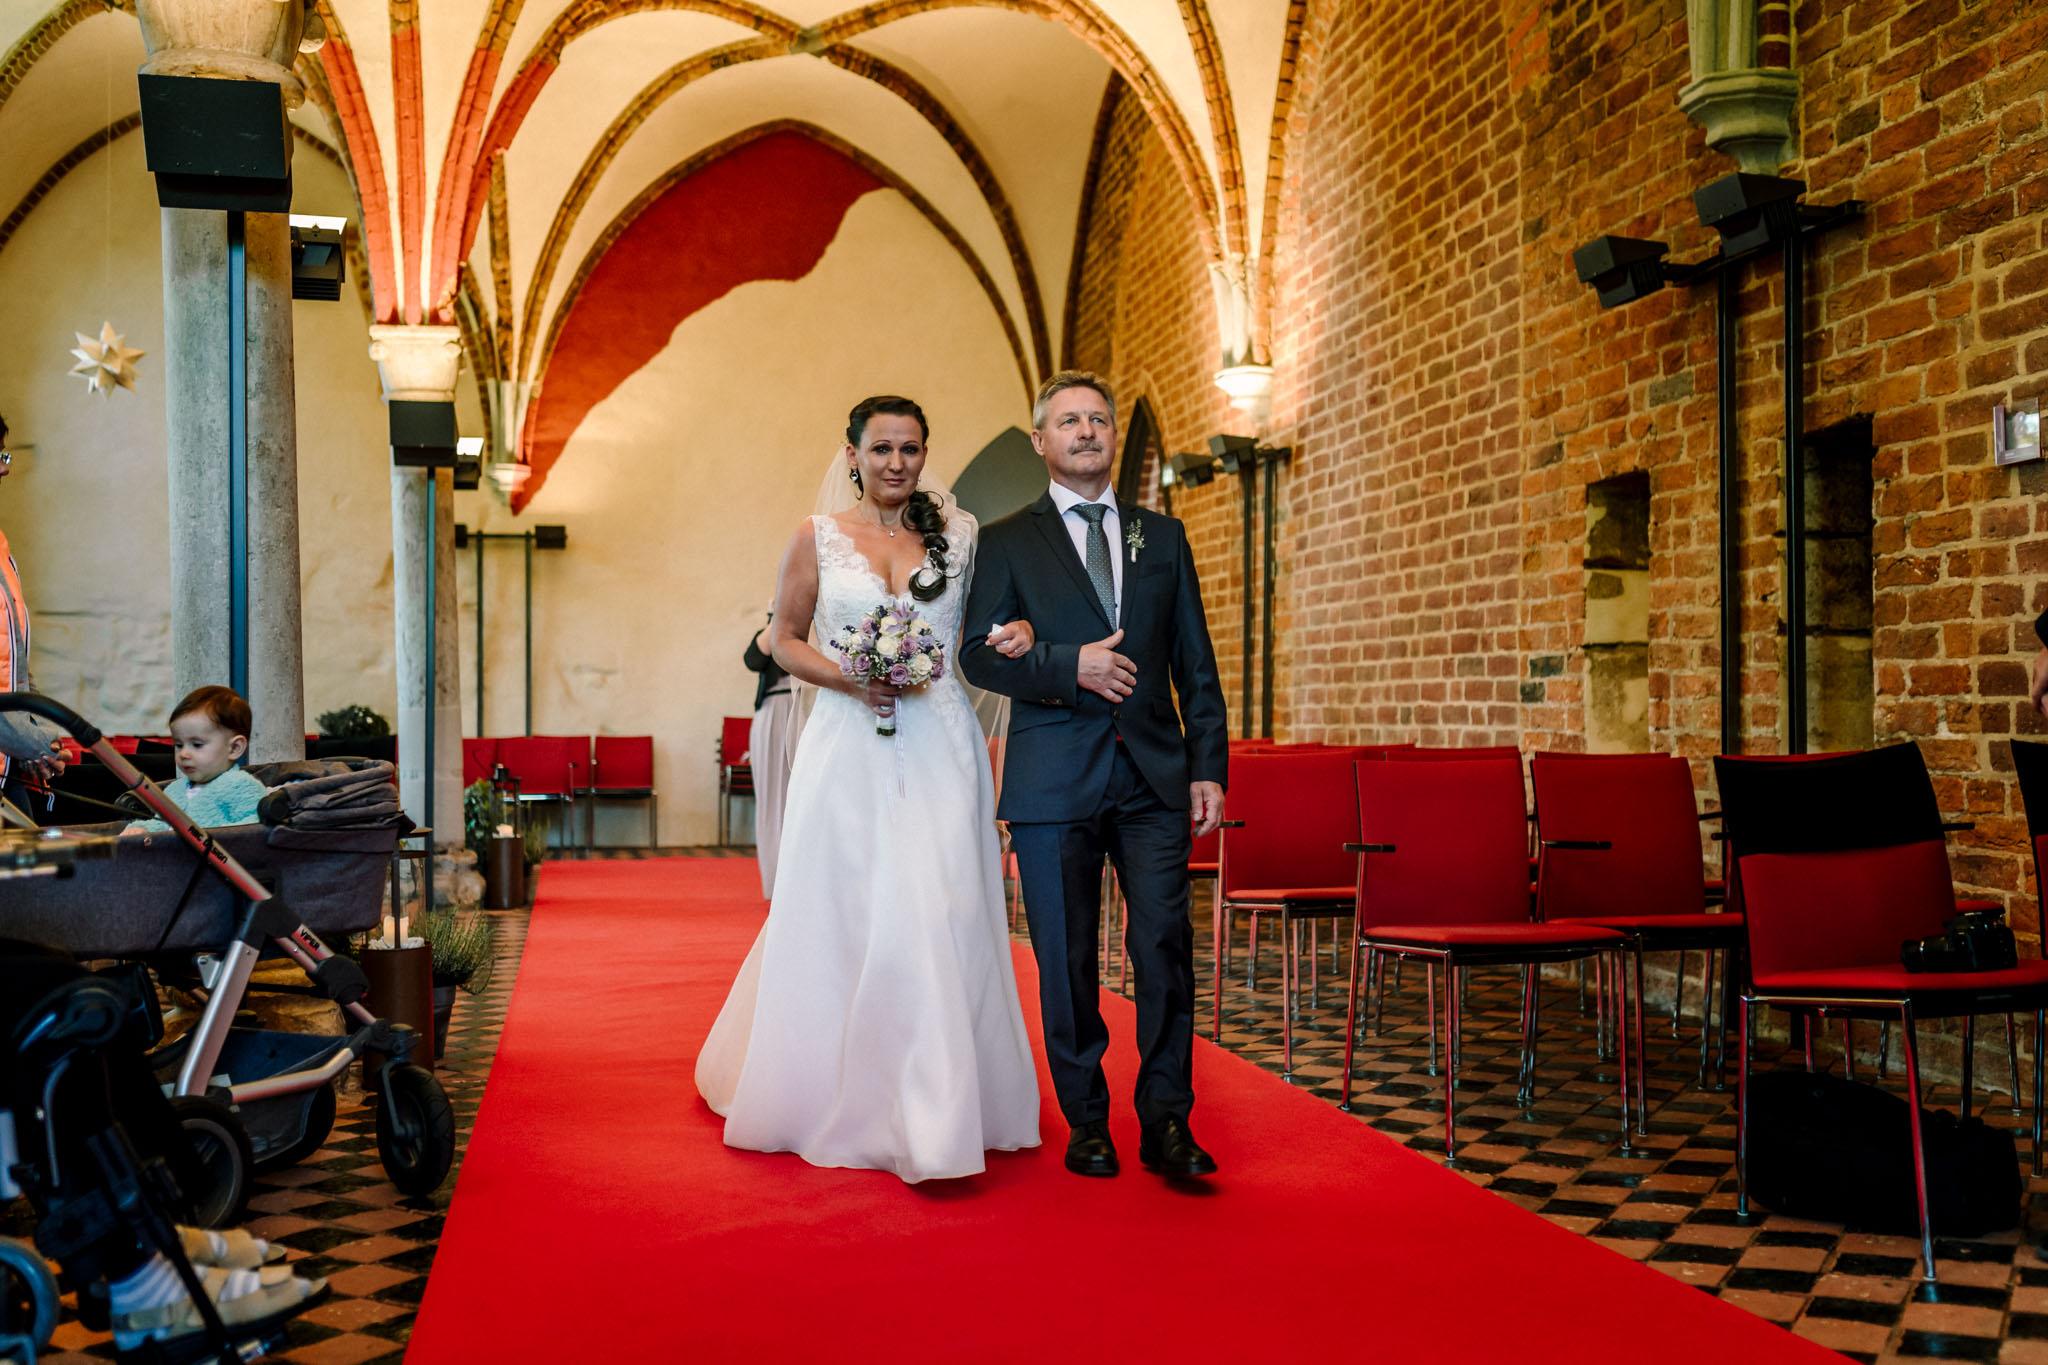 Hochzeitsfieber by Photo-Schomburg, Hochzeitsfotograf, Hamburg,Hochzeitstag, Hochzeitspaar, Braut, Bräutigam, Literaturhauscafe Zarrentin-19